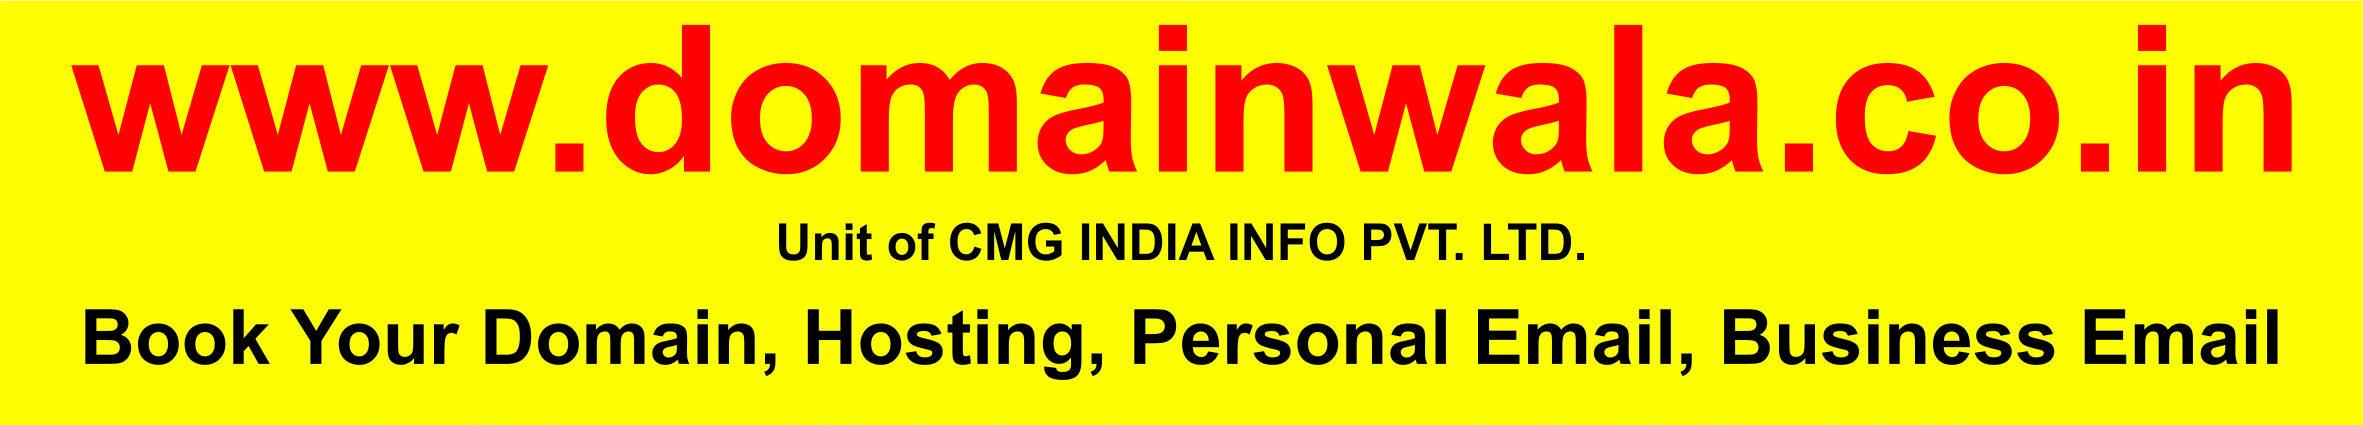 www.domainwala.co.in